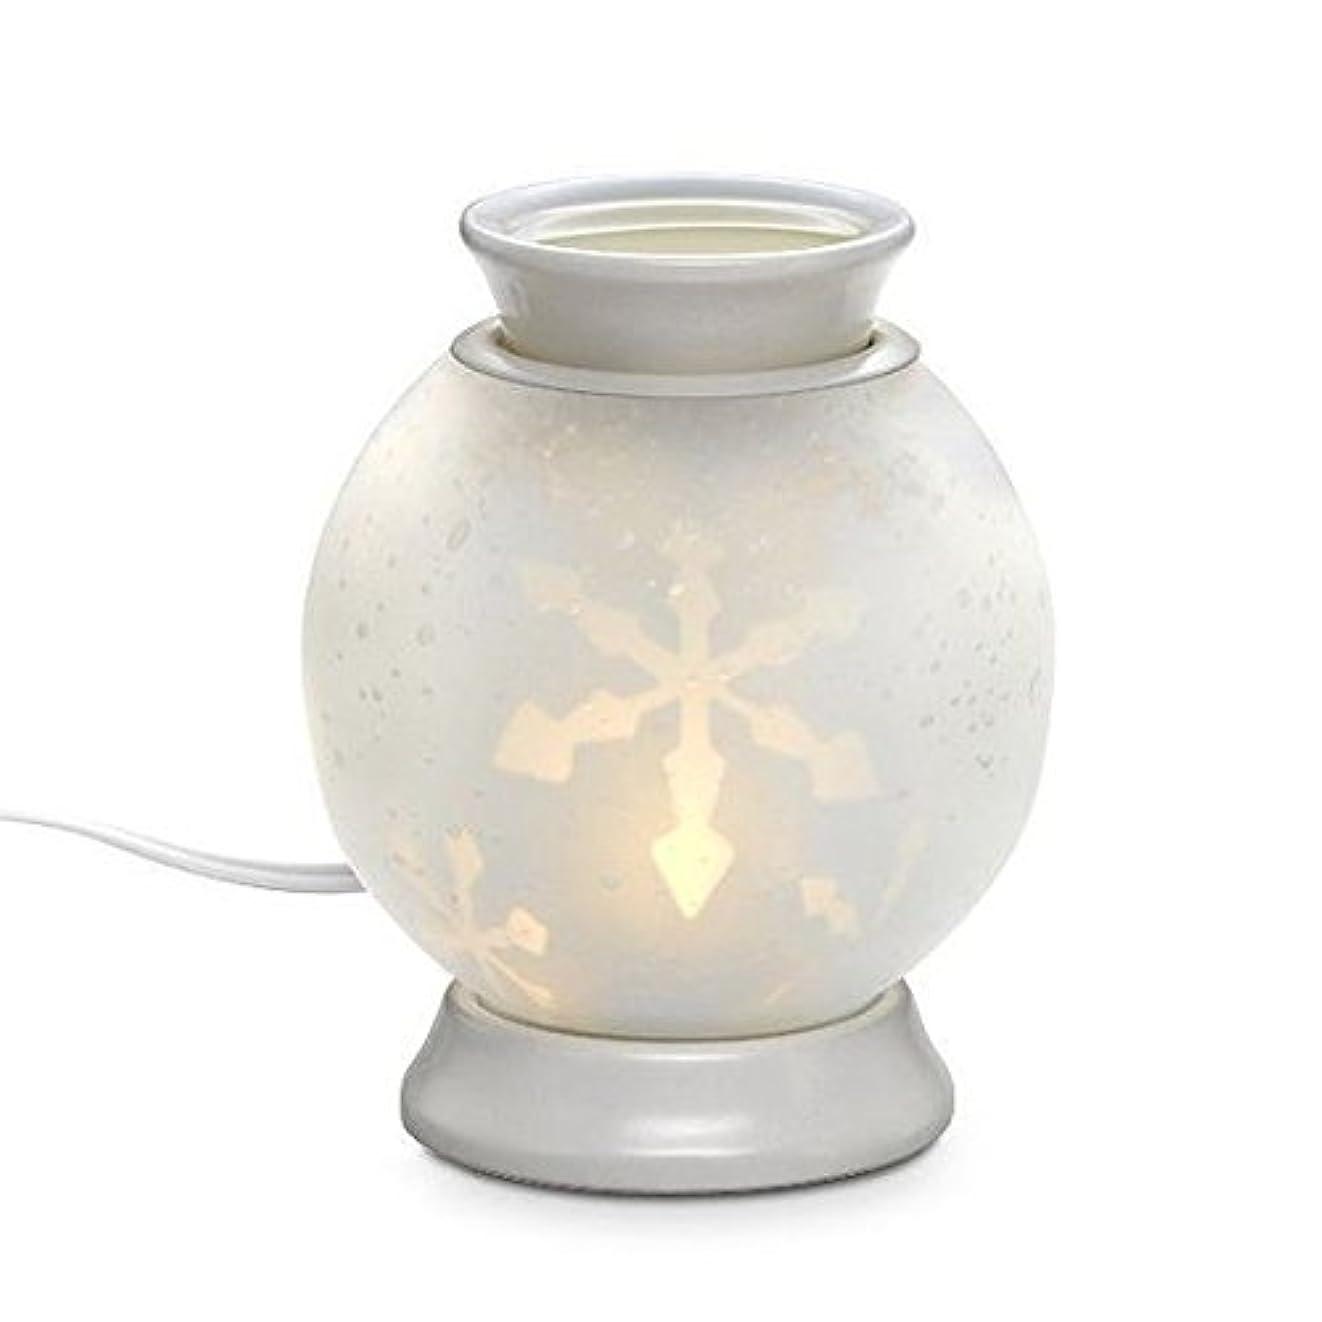 あなたが良くなります検索エンジンマーケティング列車Electric Fragrance Candle Warmer by Partylite ( scentglobe )